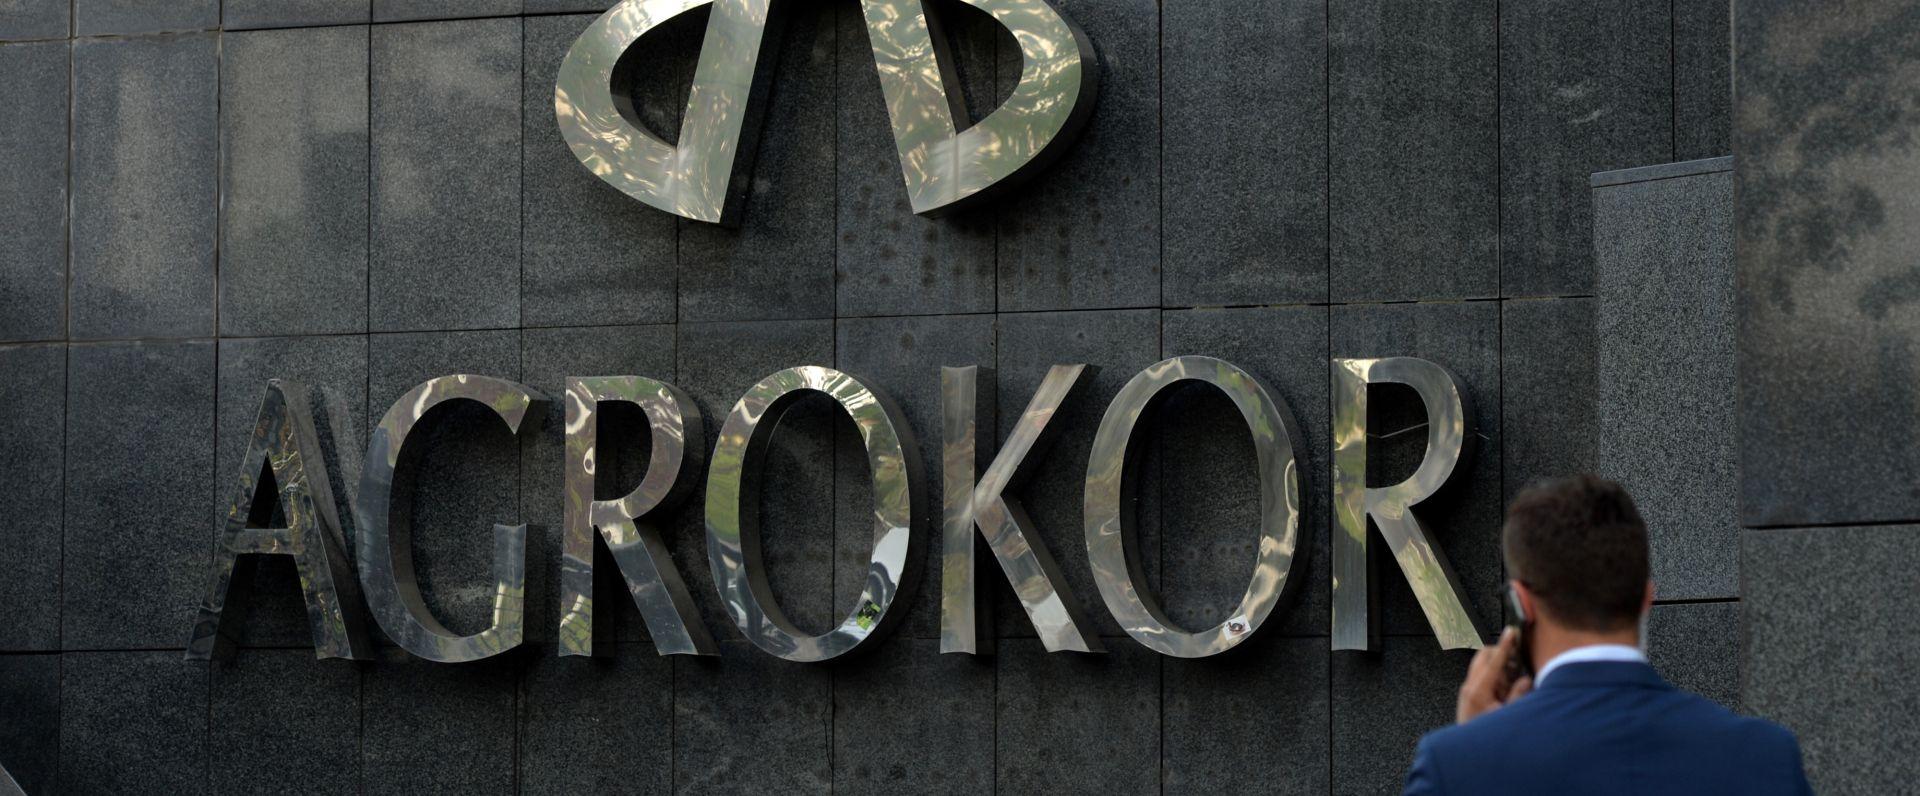 AGROKOR Tvrtke koncerna sudužnici za kredit Agrokoru